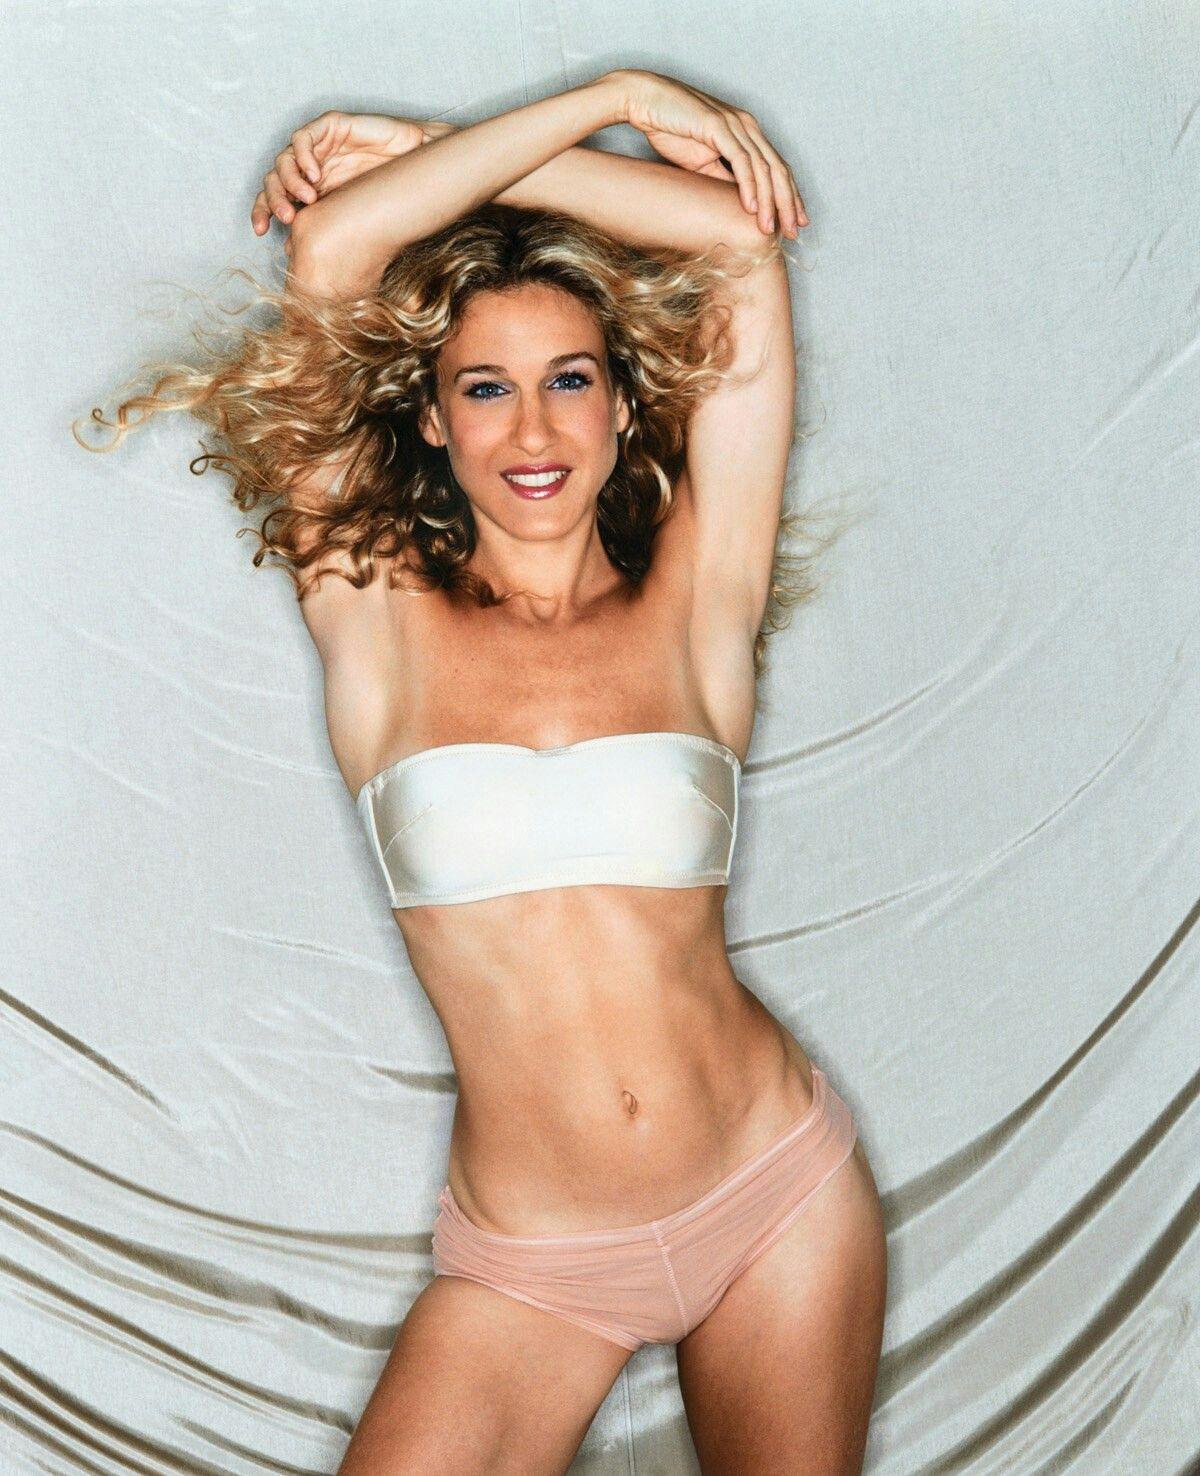 Sarah Jessica Parker Bikini Pictures